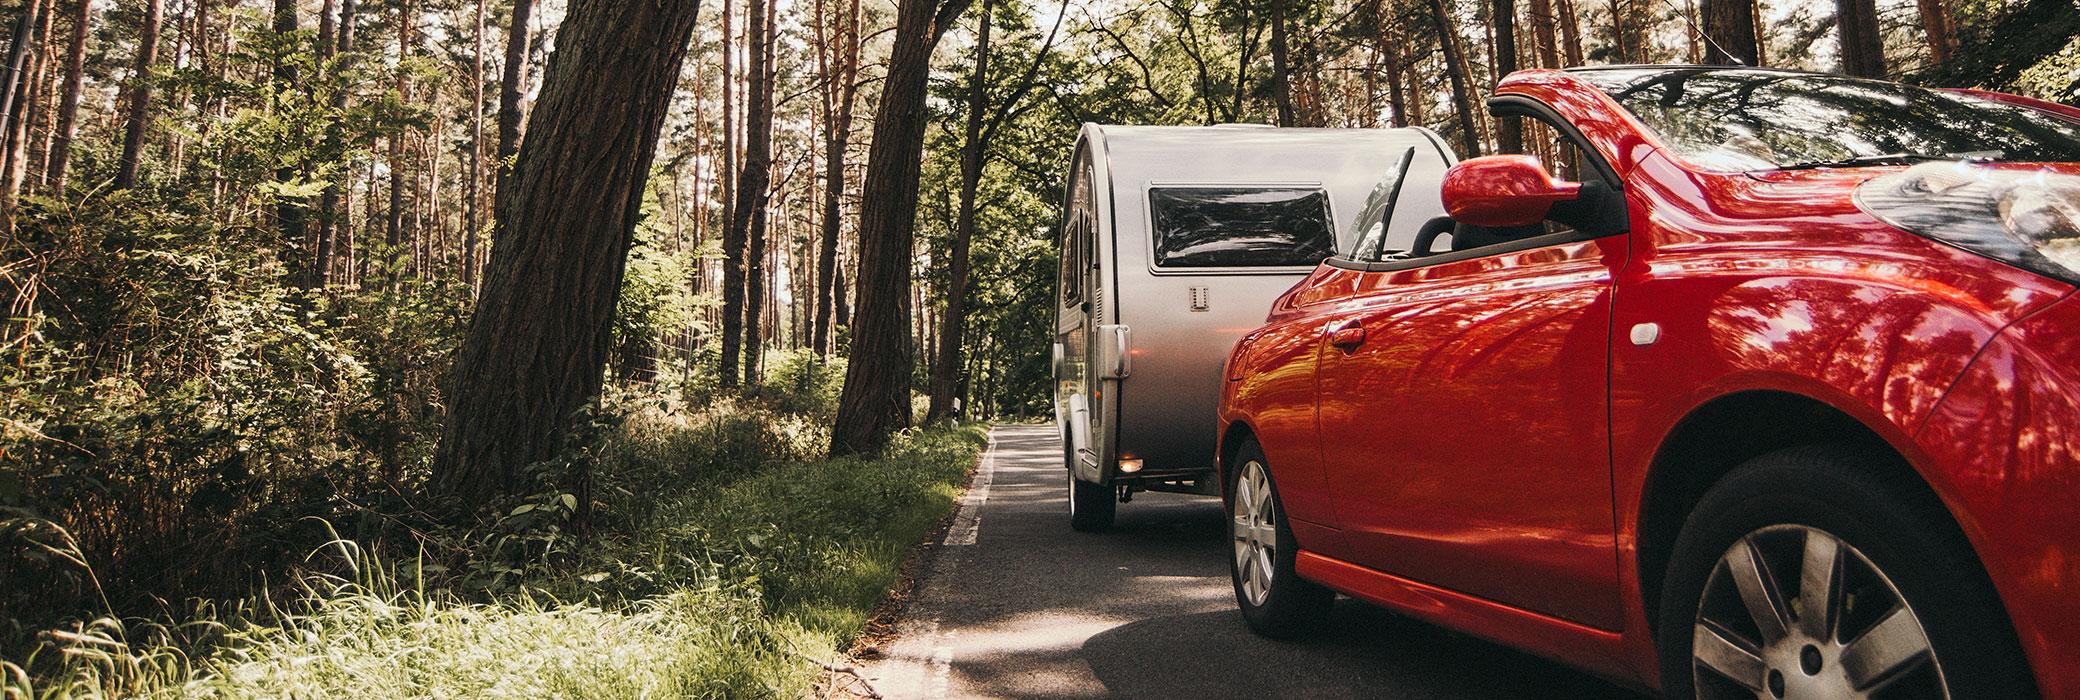 Ein rotes Cabriolet mit einem weißen Wohnwagen fährt eine Landstraße entlang